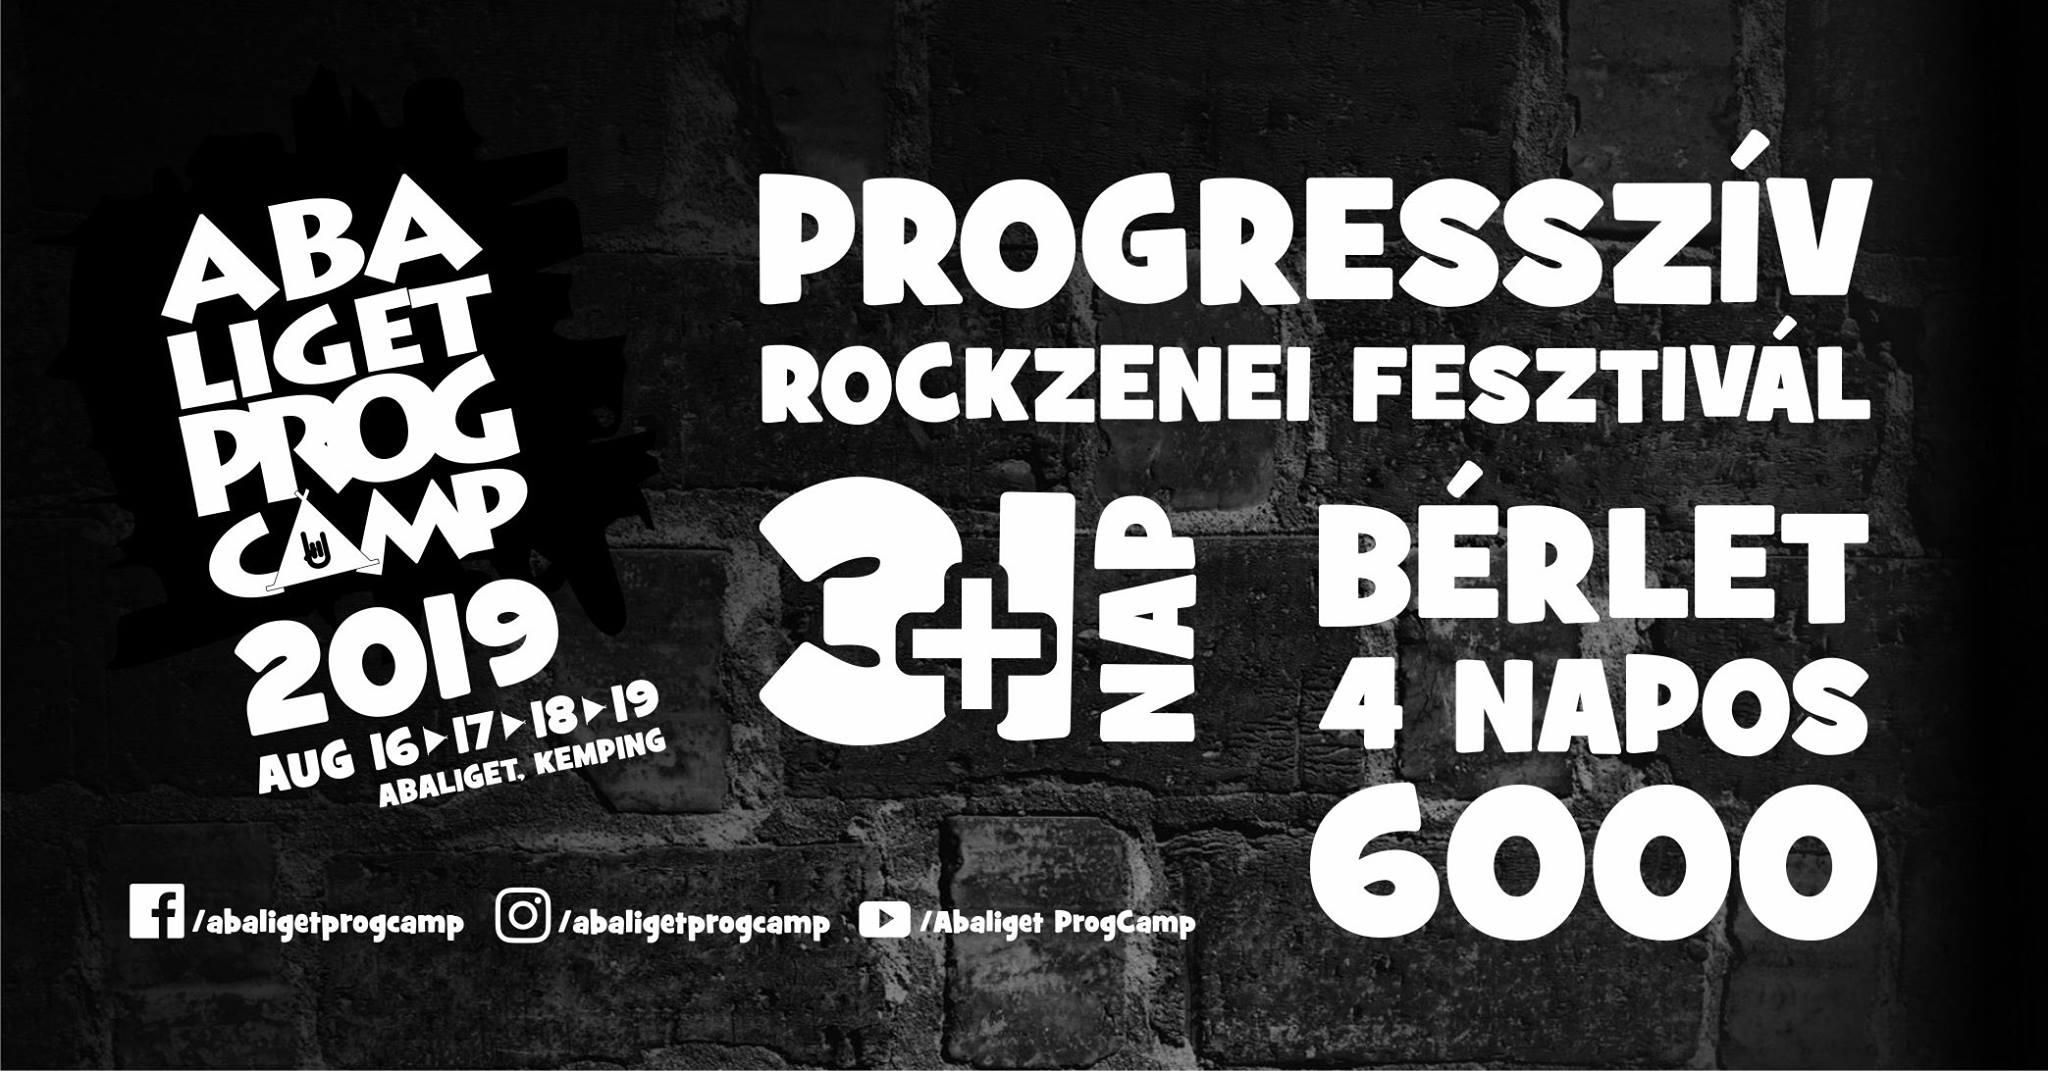 Abaliget Prog Camp 2019 - Progresszív Rockzenei Fesztivál @ Abaliget | Abaliget | Magyarország